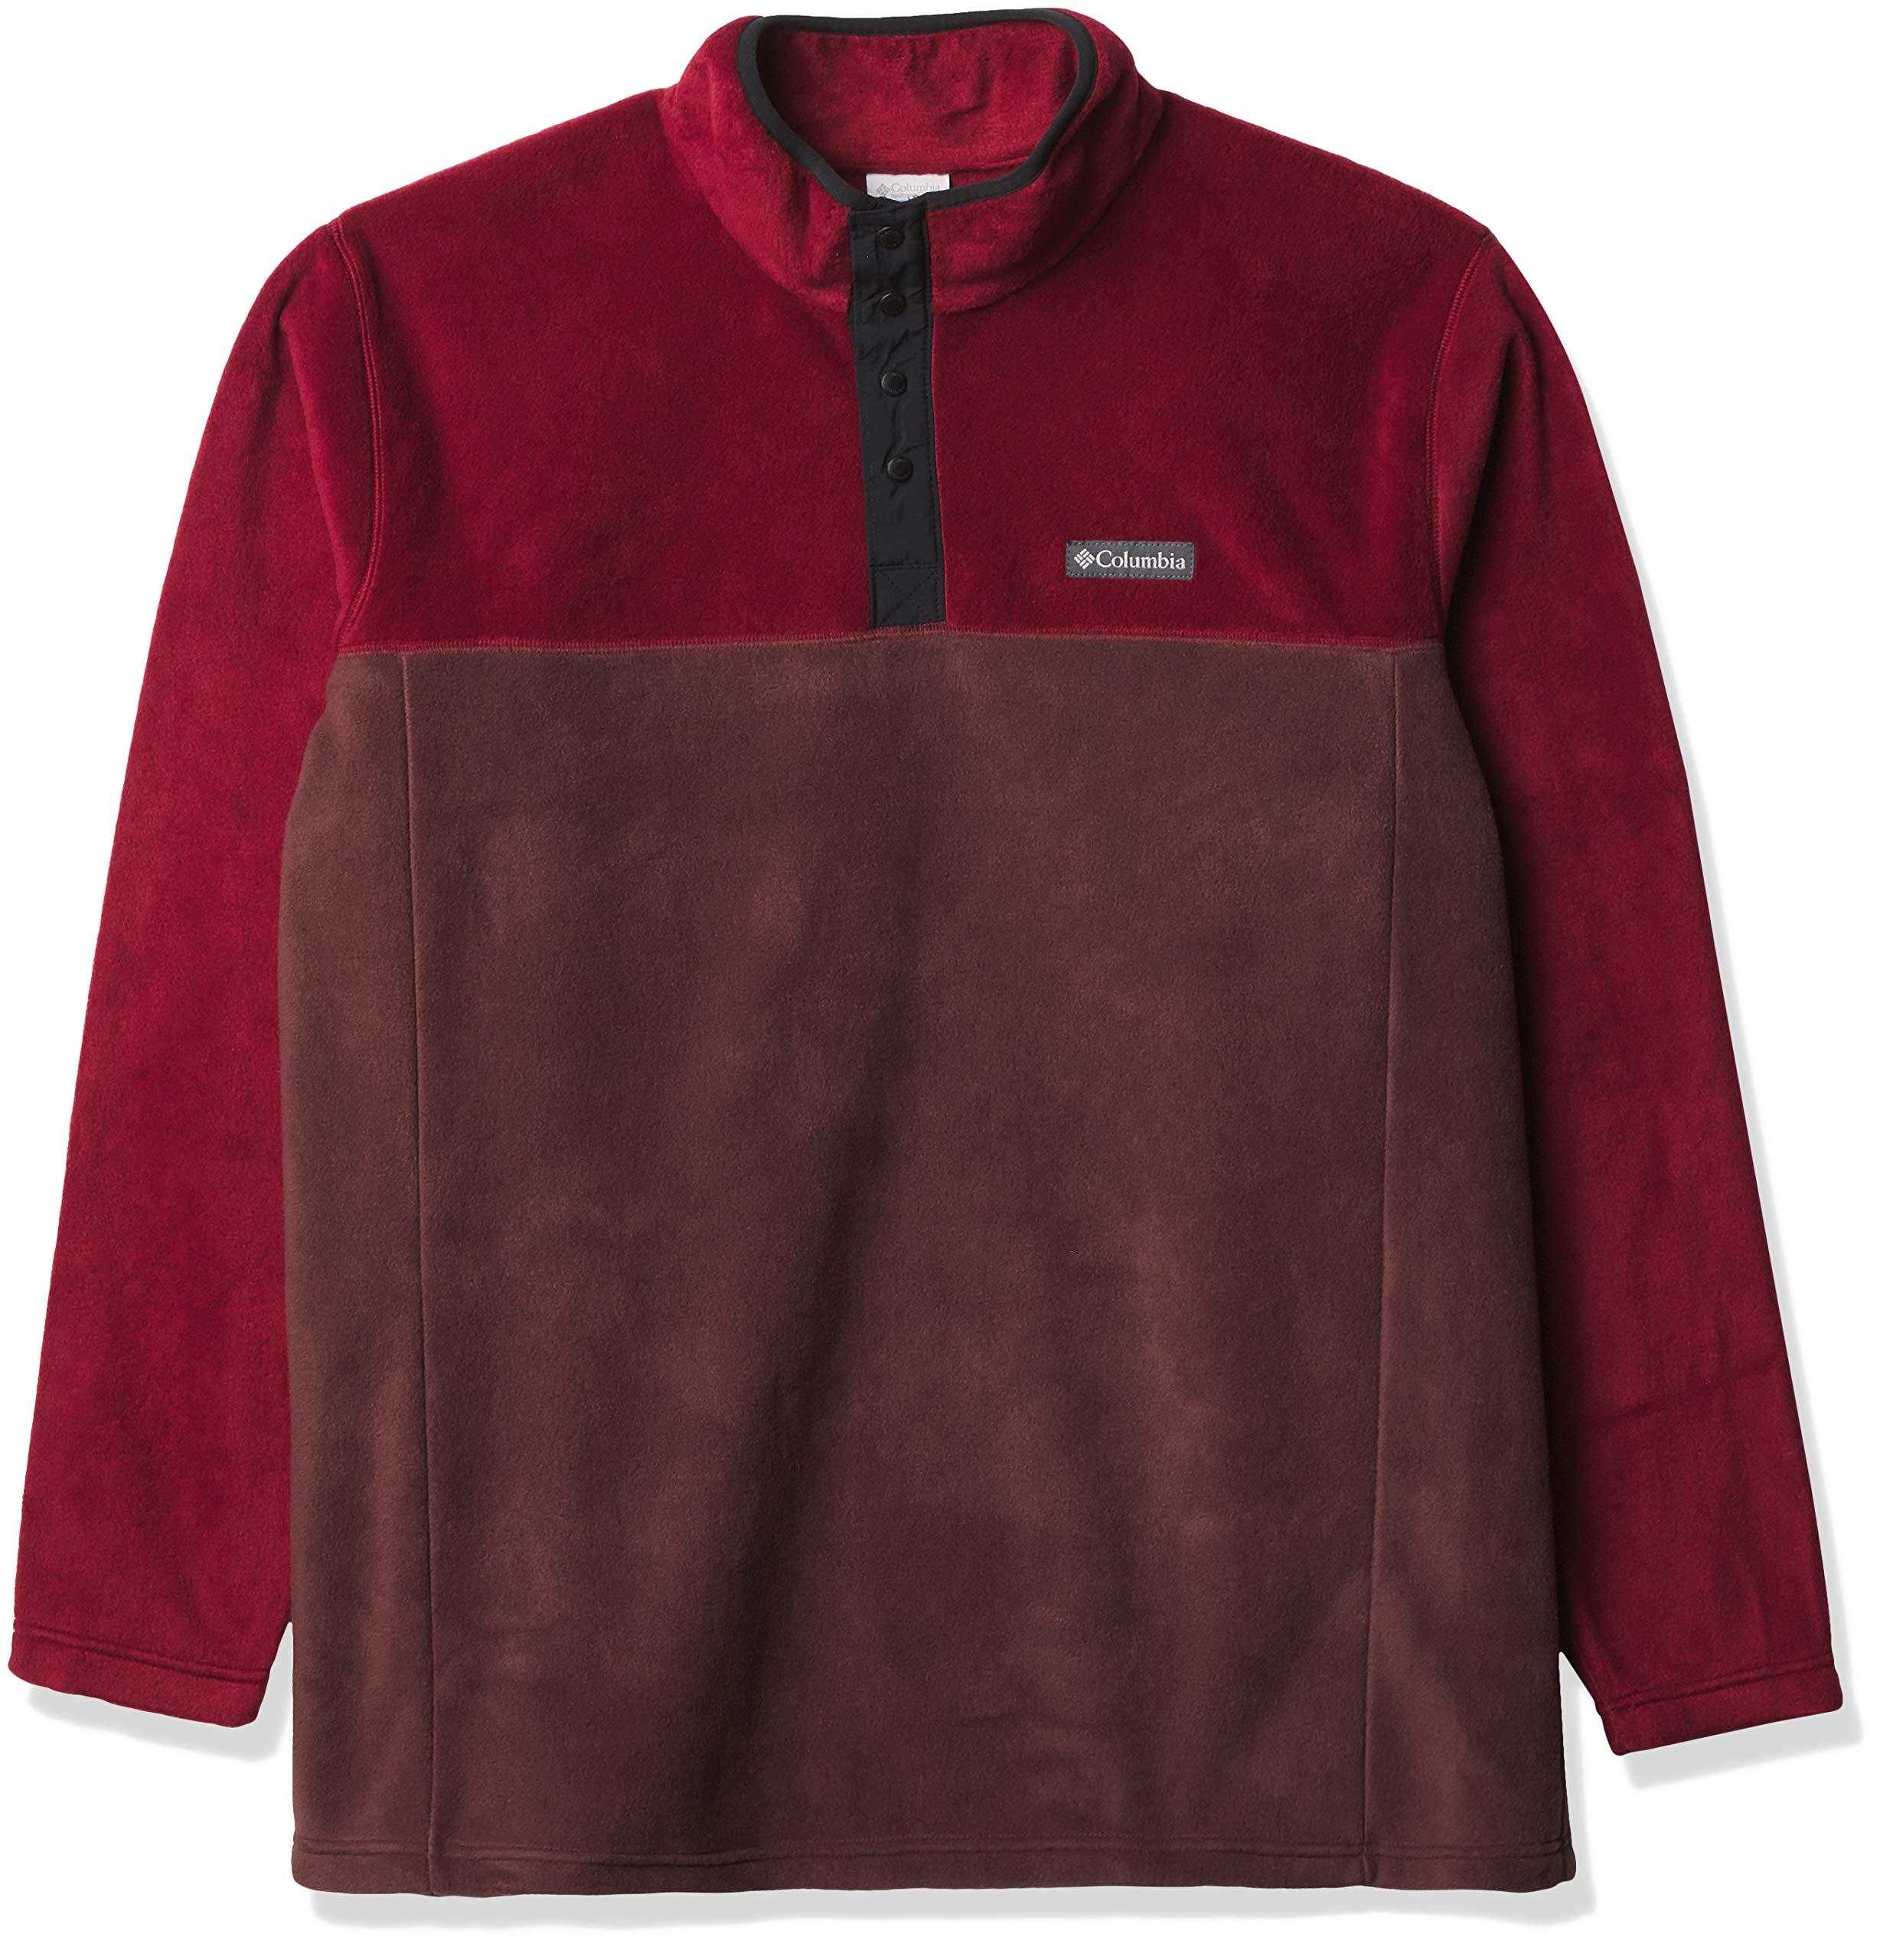 Columbia Men's Steens Mountain Full Zip 2.0 Fleece $20.99(Charcoal Heather)